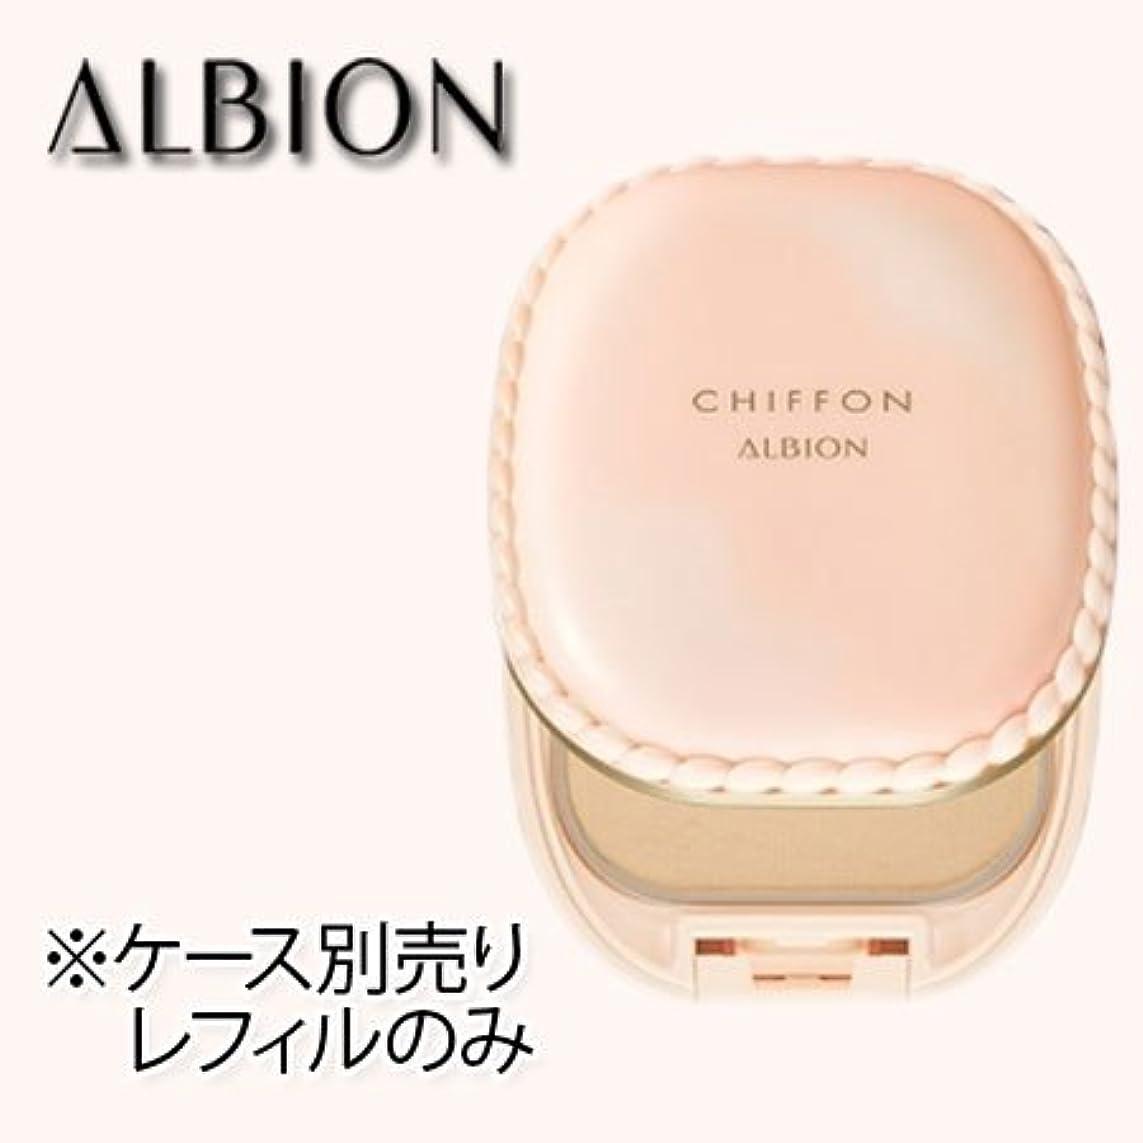 ビルマ従事した神のアルビオン スウィート モイスチュア シフォン (レフィル) 10g 6色 SPF22 PA++-ALBION- 030